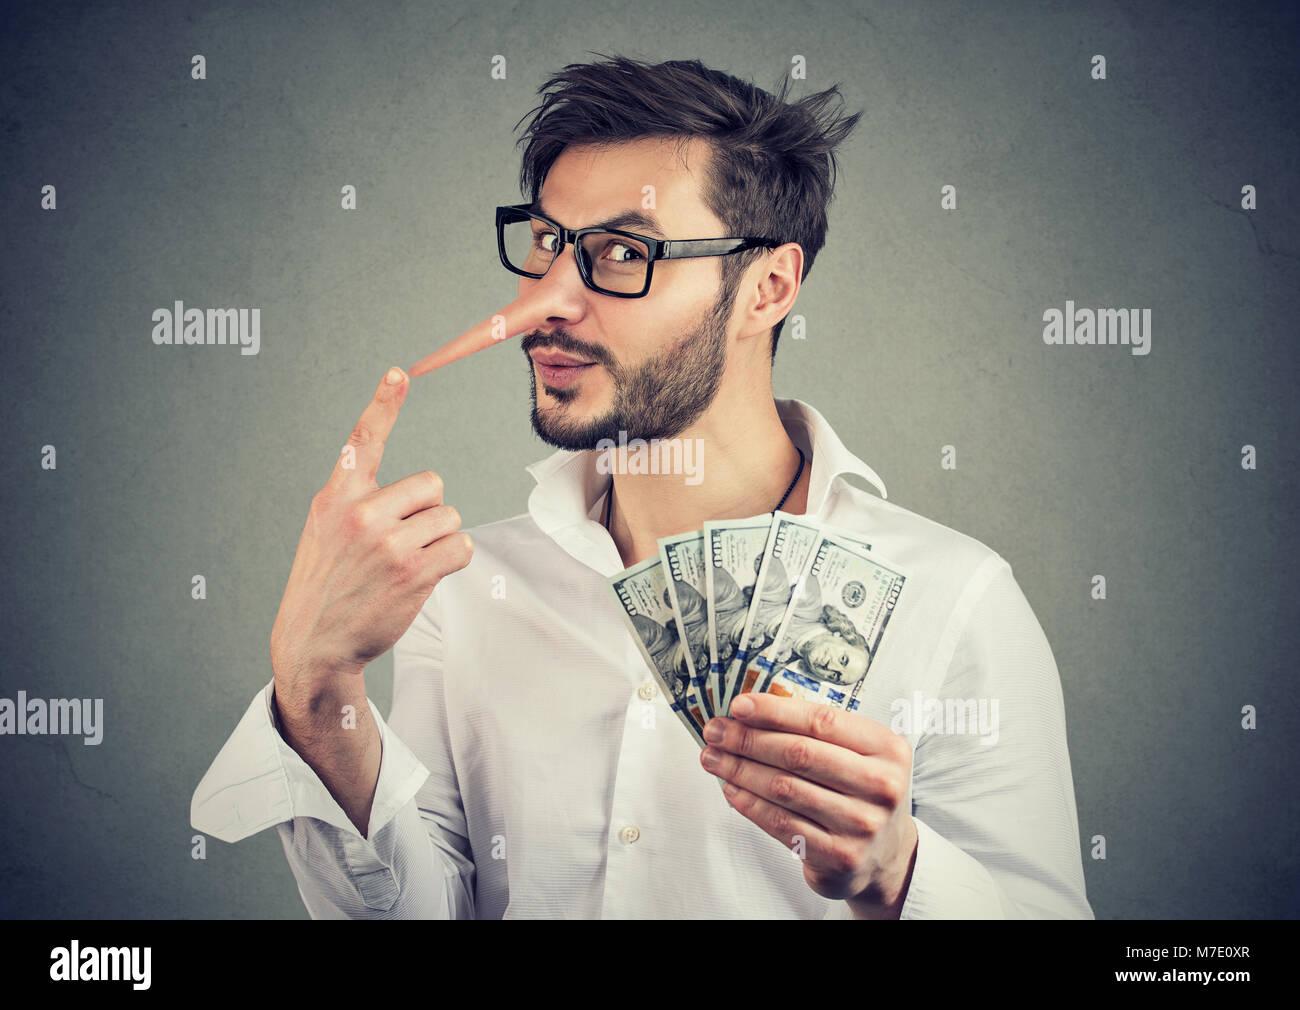 Concepto de fraude financiero. Mentiroso hombre de negocios con dólares en efectivo Imagen De Stock